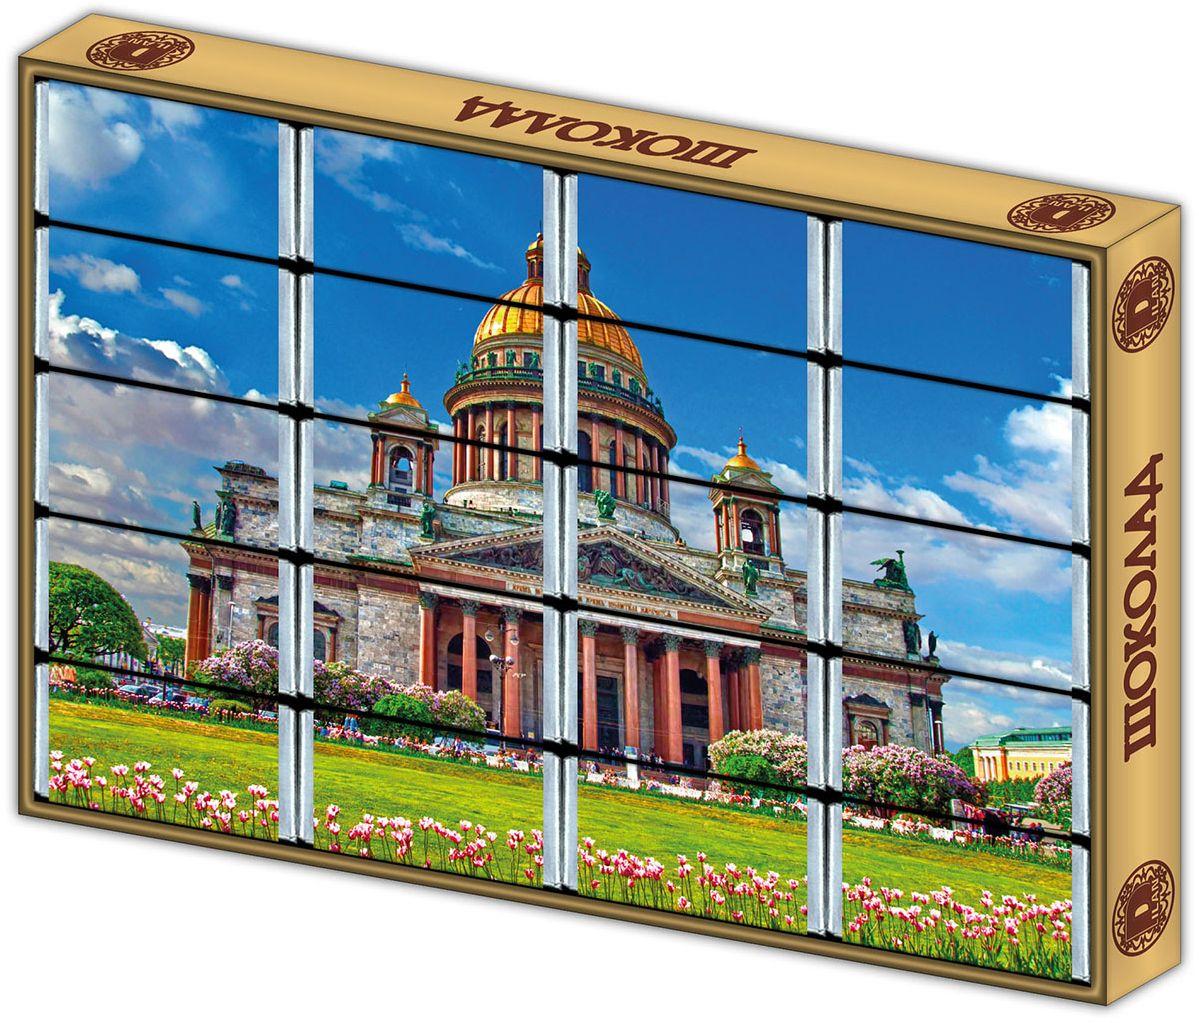 Дилан+ Шоколадный набор Санкт-Петербург с раскраской, 20 шт по 5 г дилан шоколадный набор ангела хранителя розовый 6 шт по 5 г